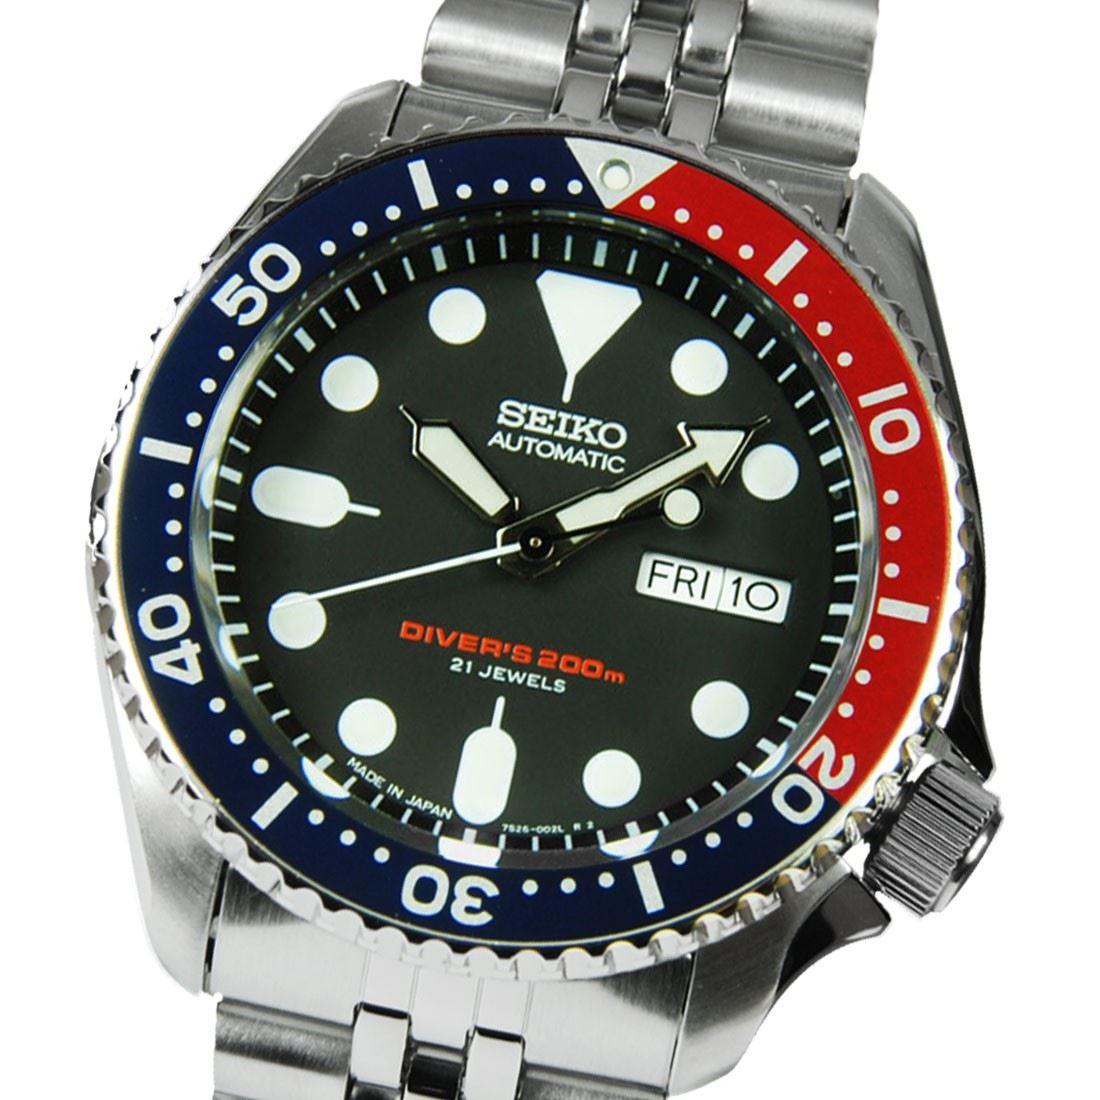 TOP-SELLING-Seiko-SKX009-SKX009J1-SKX009J2-SKX009K1-SKX009K2-Pepsi-Dive-Watch thumbnail 11